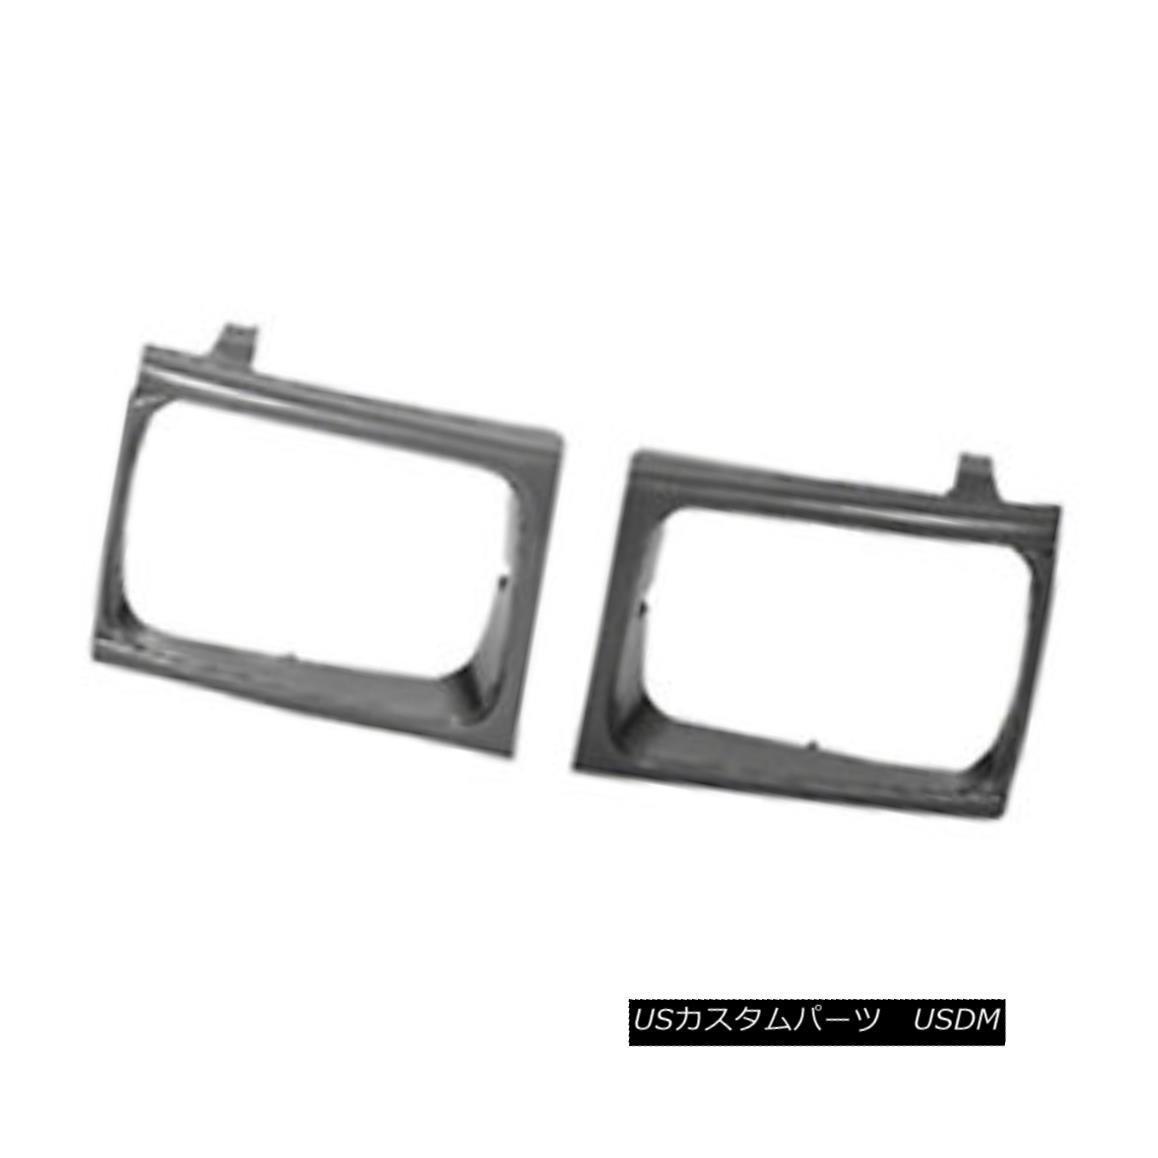 グリル New Headlight Door Silver & Black Driver Side for 4 wheel drive 630-50075D 新しいヘッドライトドアシルバー& 4輪駆動用黒ドライバサイド630-50075D